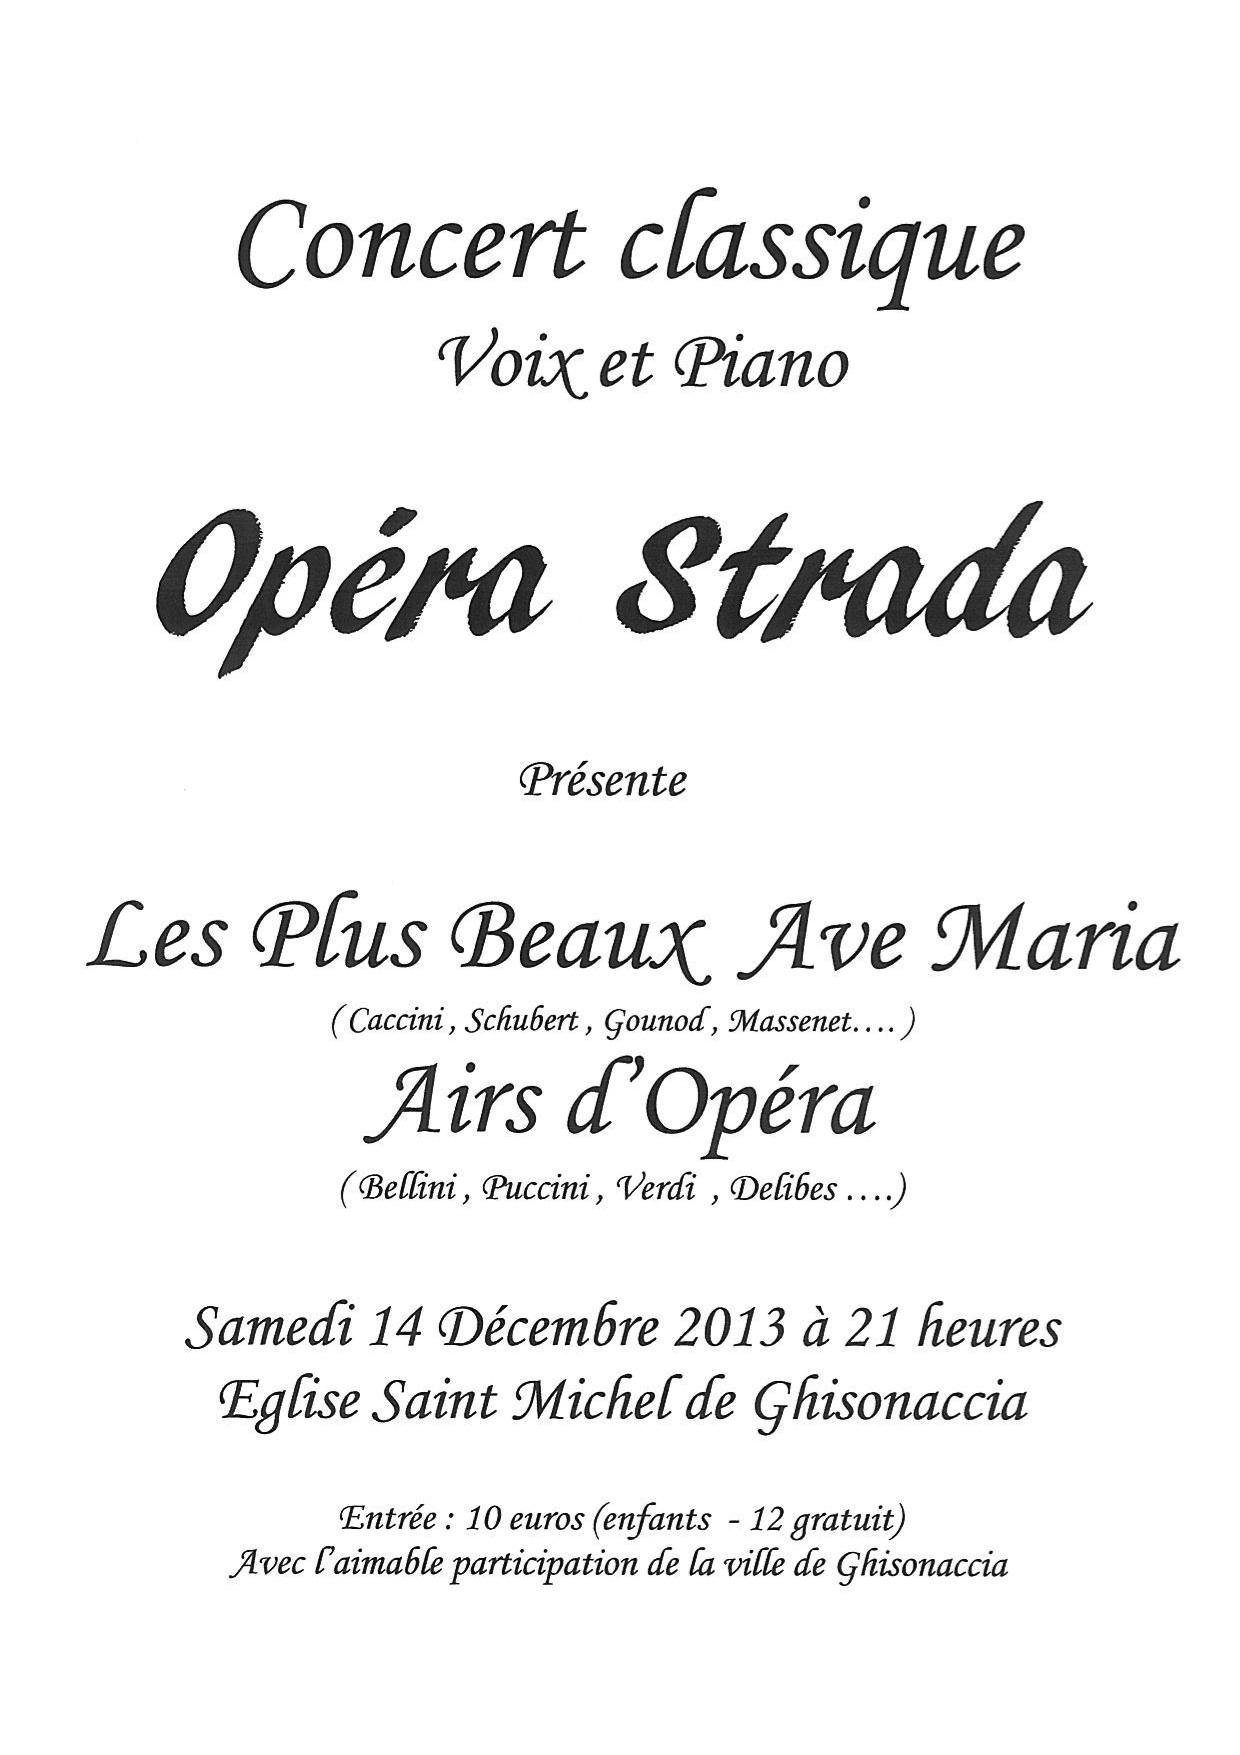 Un récital à ne pas manquer Samedi 14 décembre à L'Eglise Saint Michel de Ghisonaccia